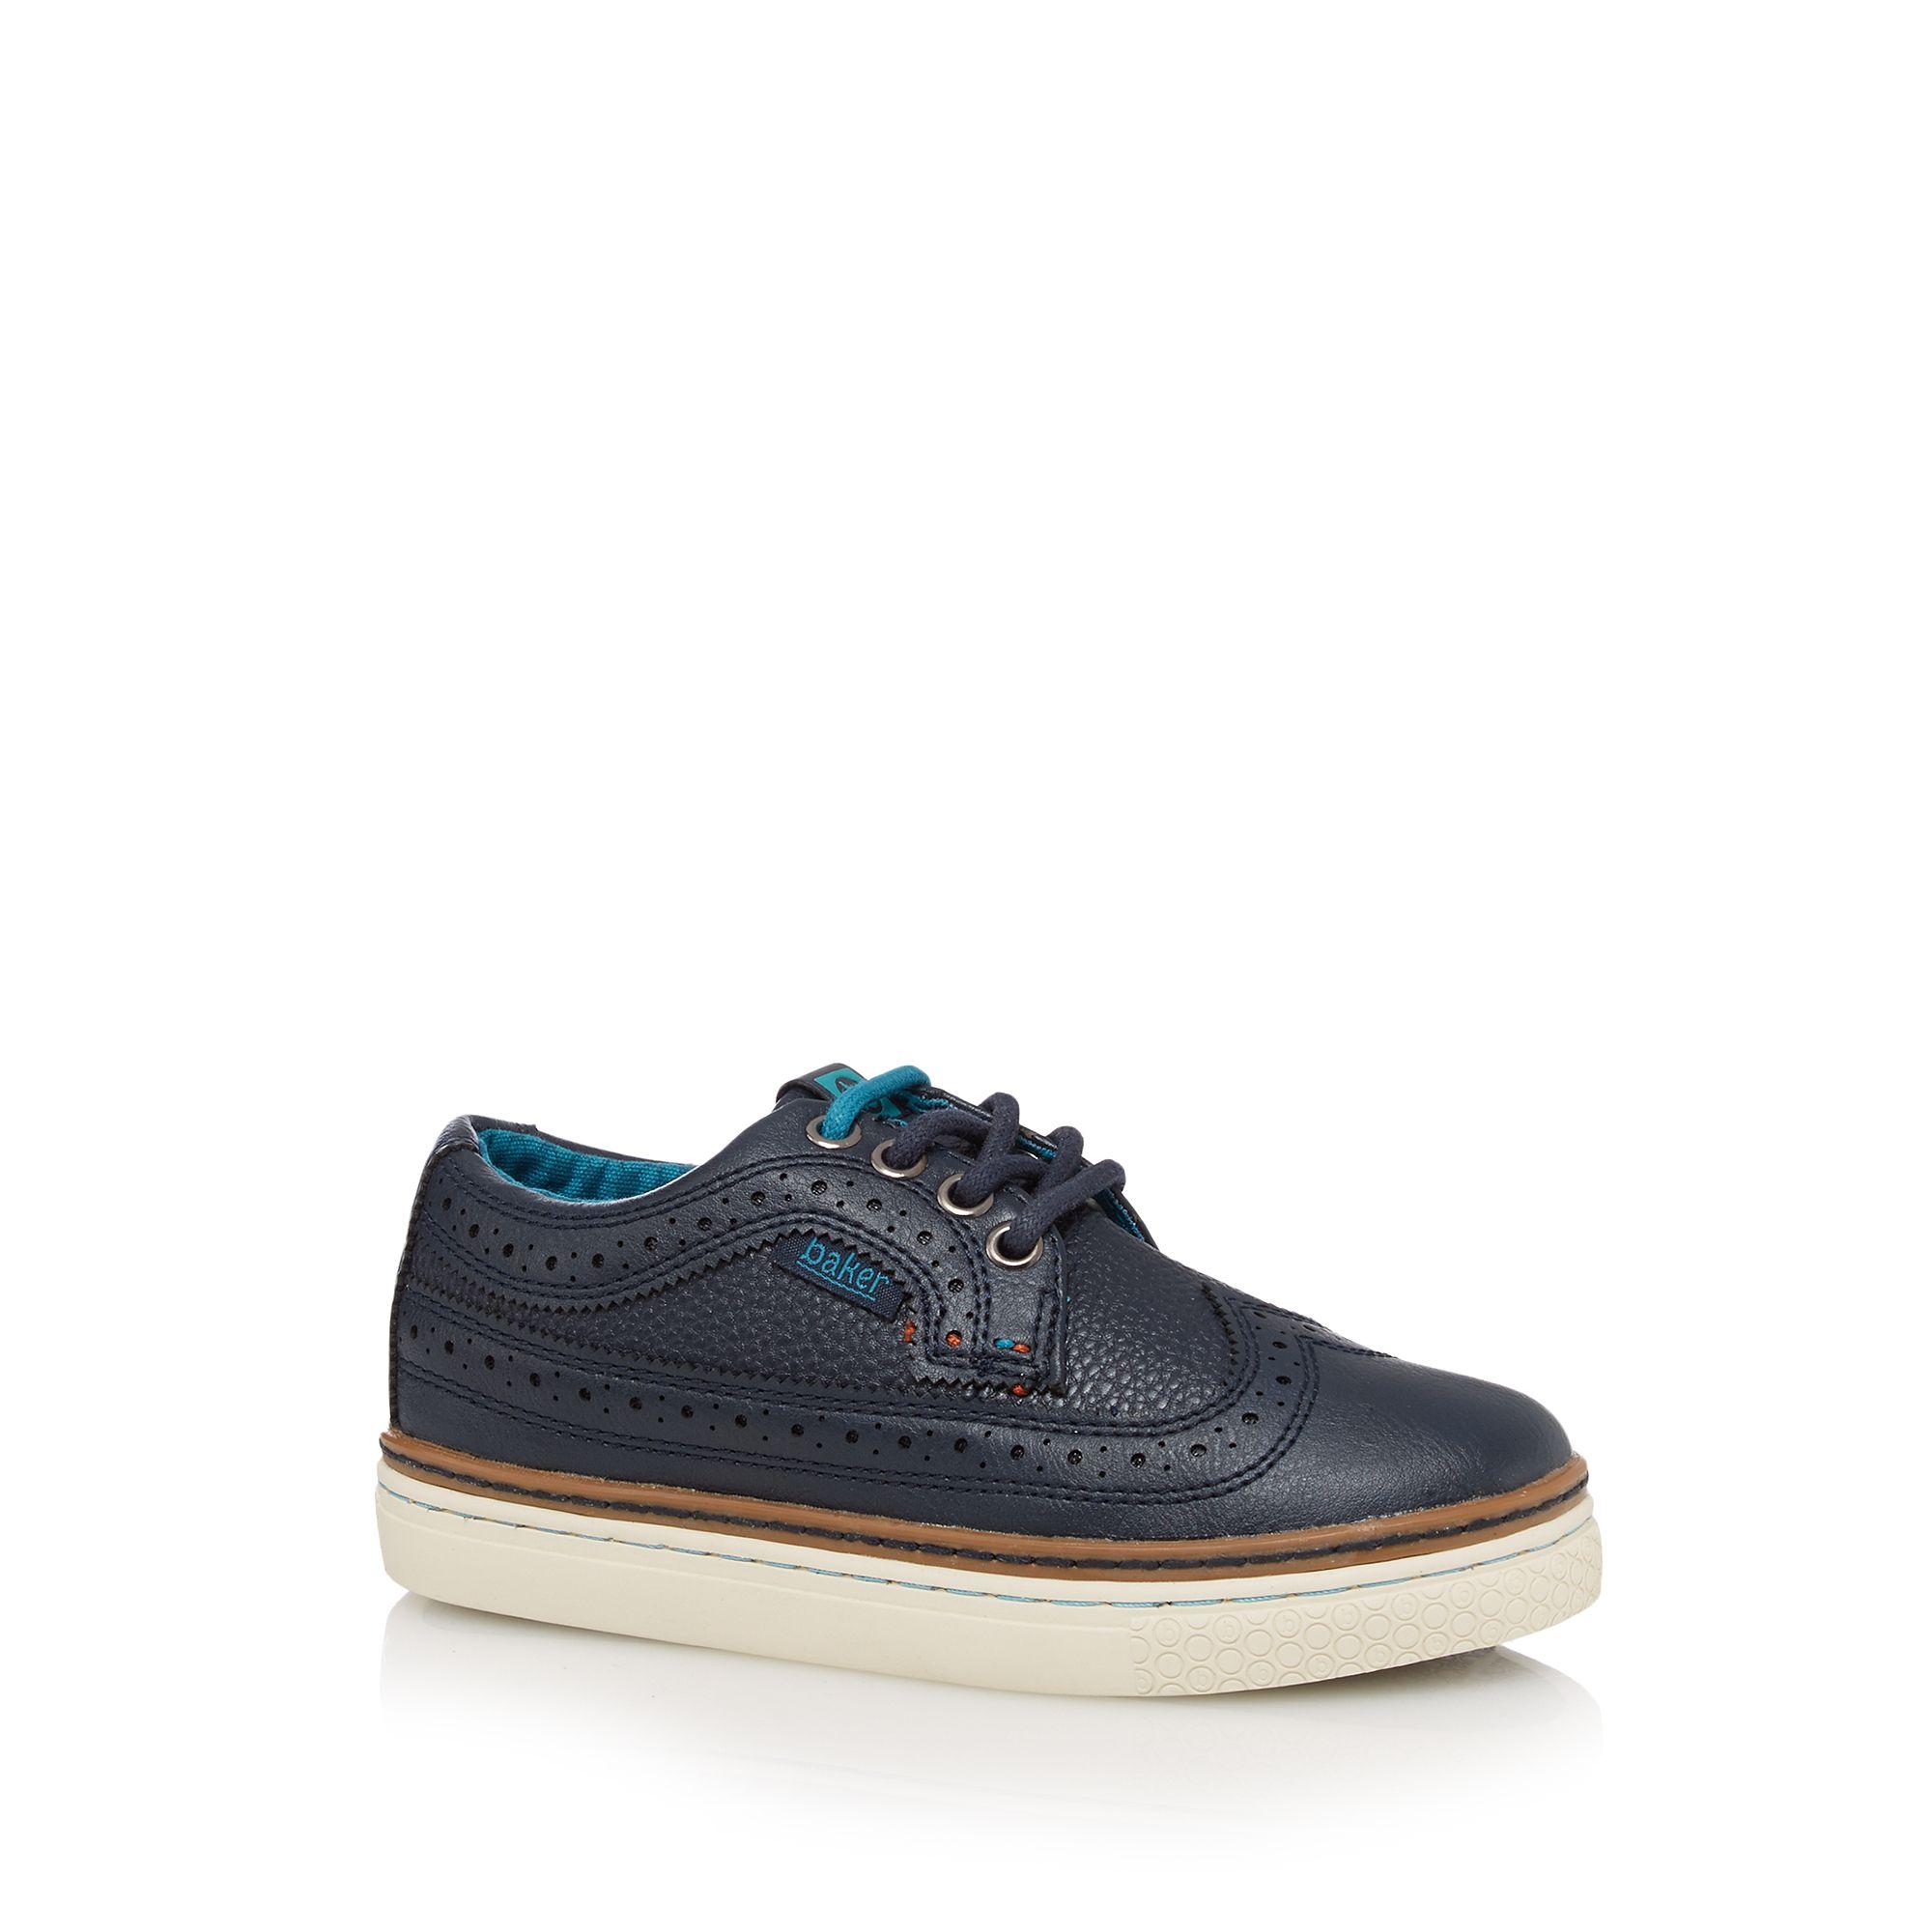 Debenhams Shoes Navy Blue